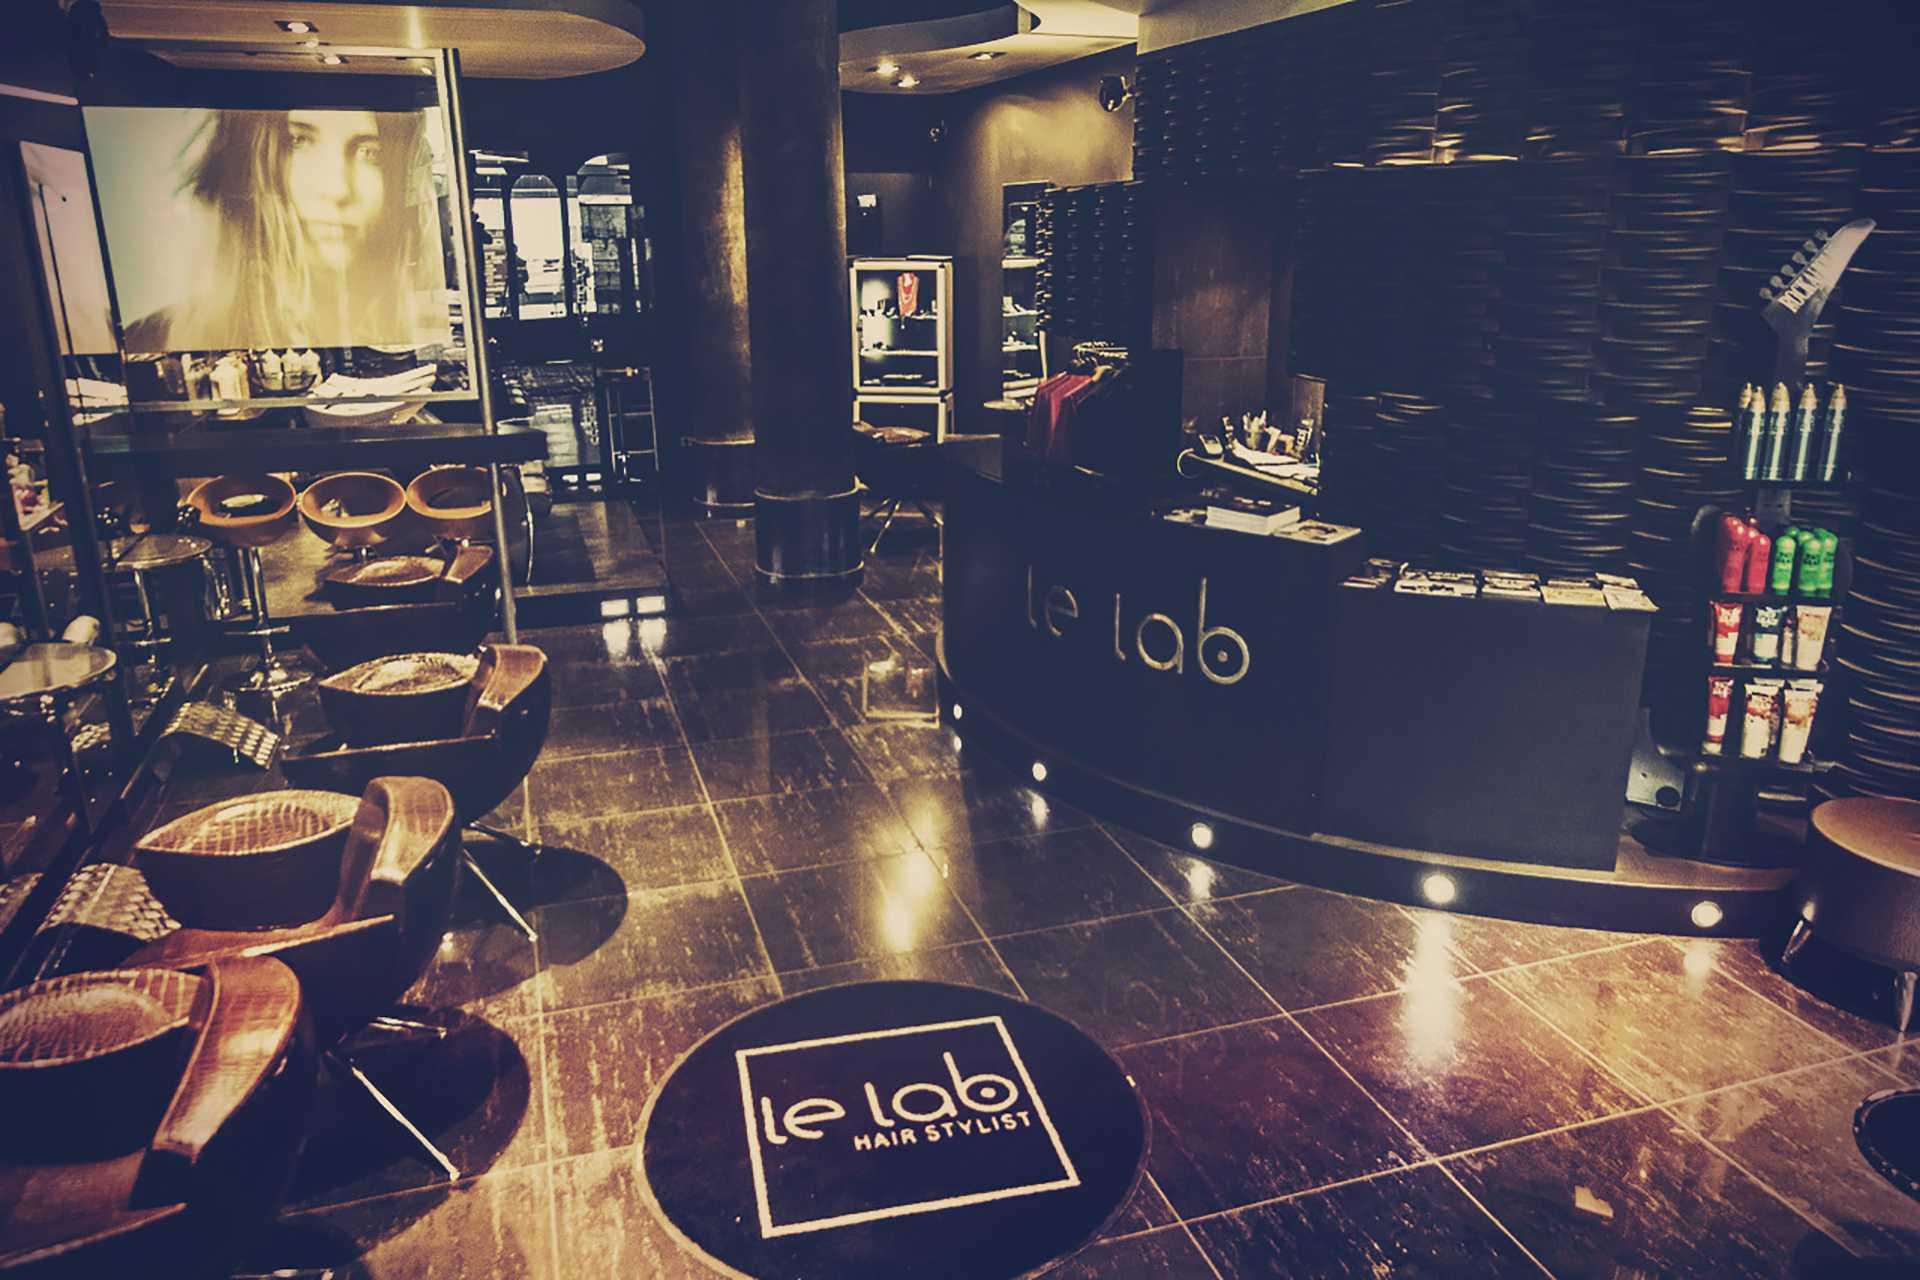 salon-coiffure-le-lab-montpellier